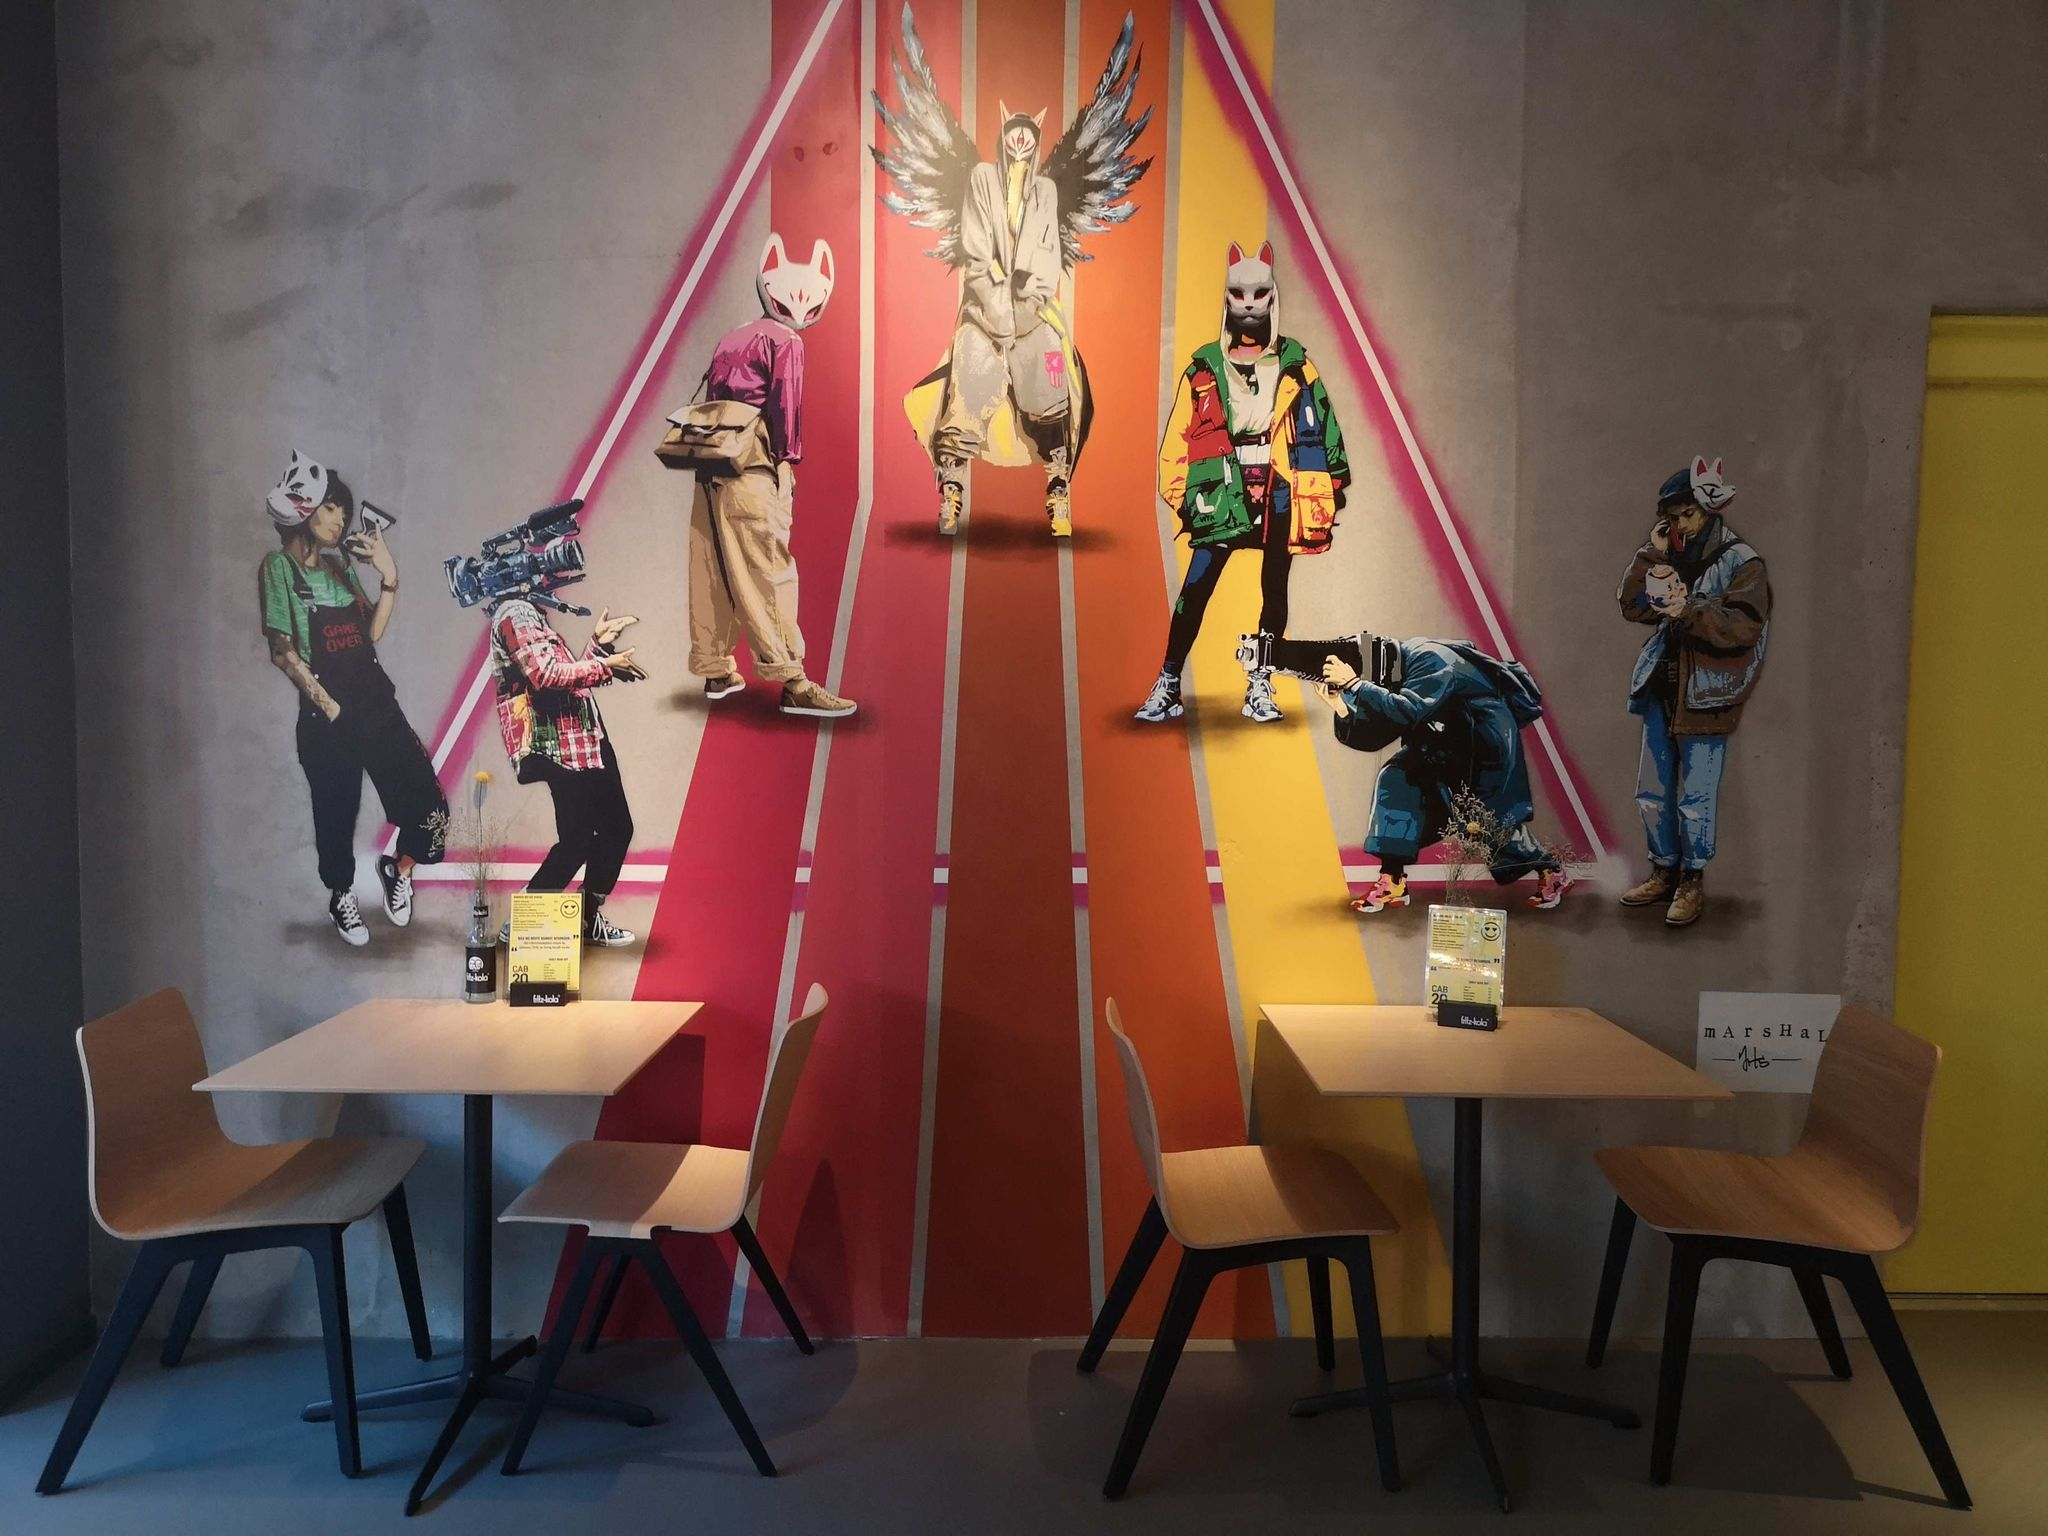 Wandbild in der Bar